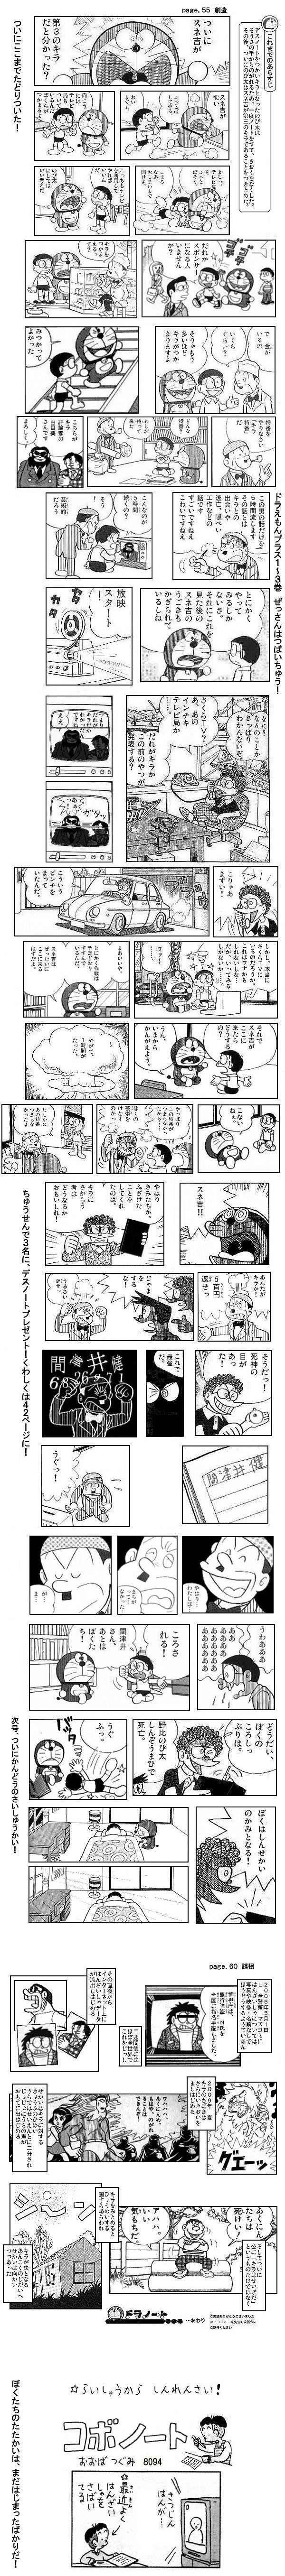 漫画:ドラゴンボール -スネ夫がキラ- [おもしろ]